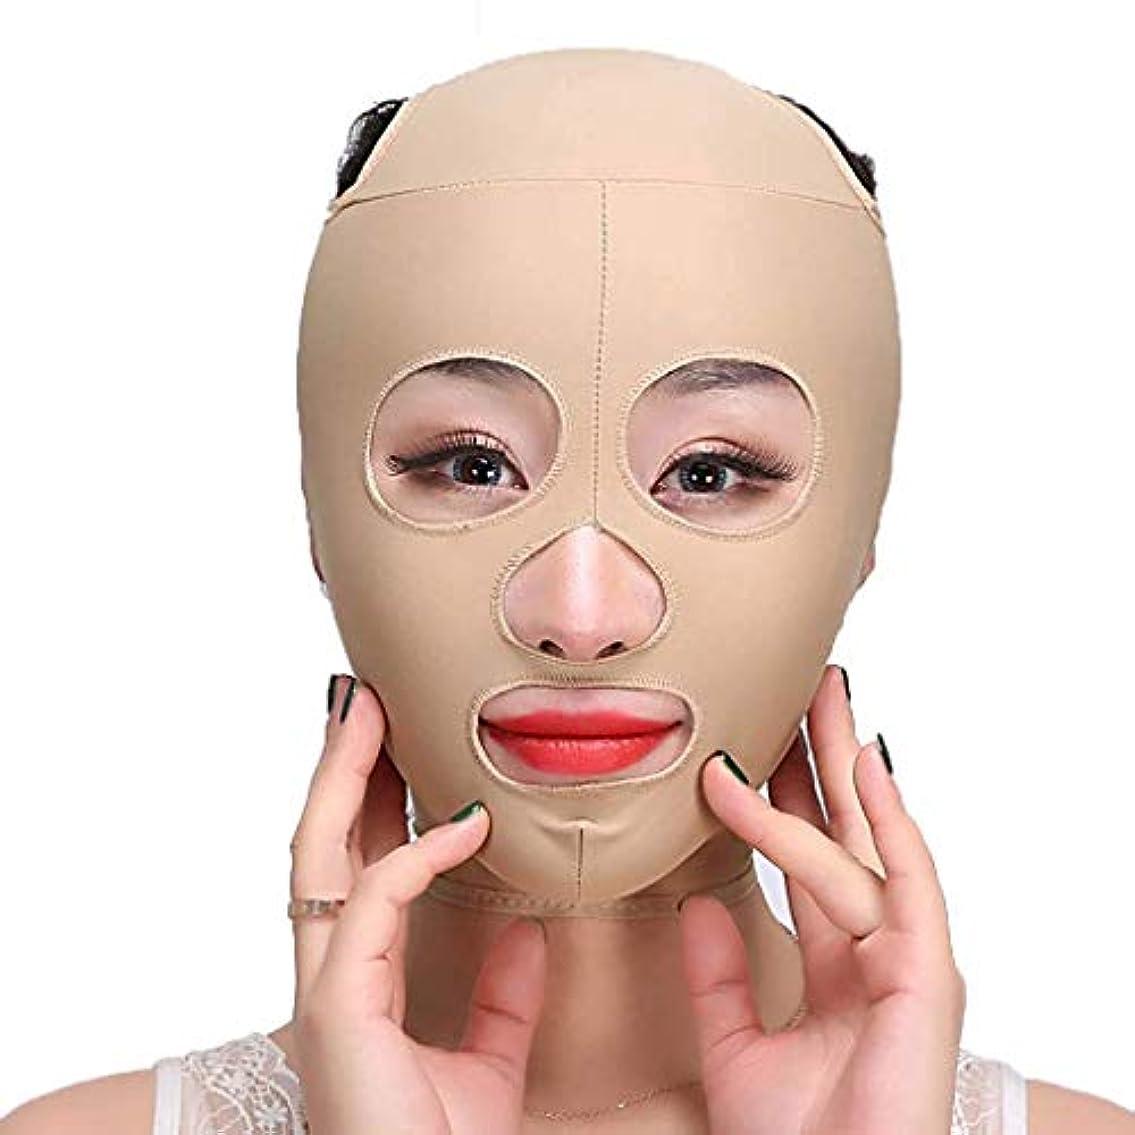 受け入れた違う愛国的な痩身ベルト、フェイスマスクシンフェイス機器リフティング引き締めVフェイス男性と女性フェイスリフティングステッカーダブルチンフェイスリフティングフェイスマスク包帯フェイシャルマッサージ(サイズ:M)